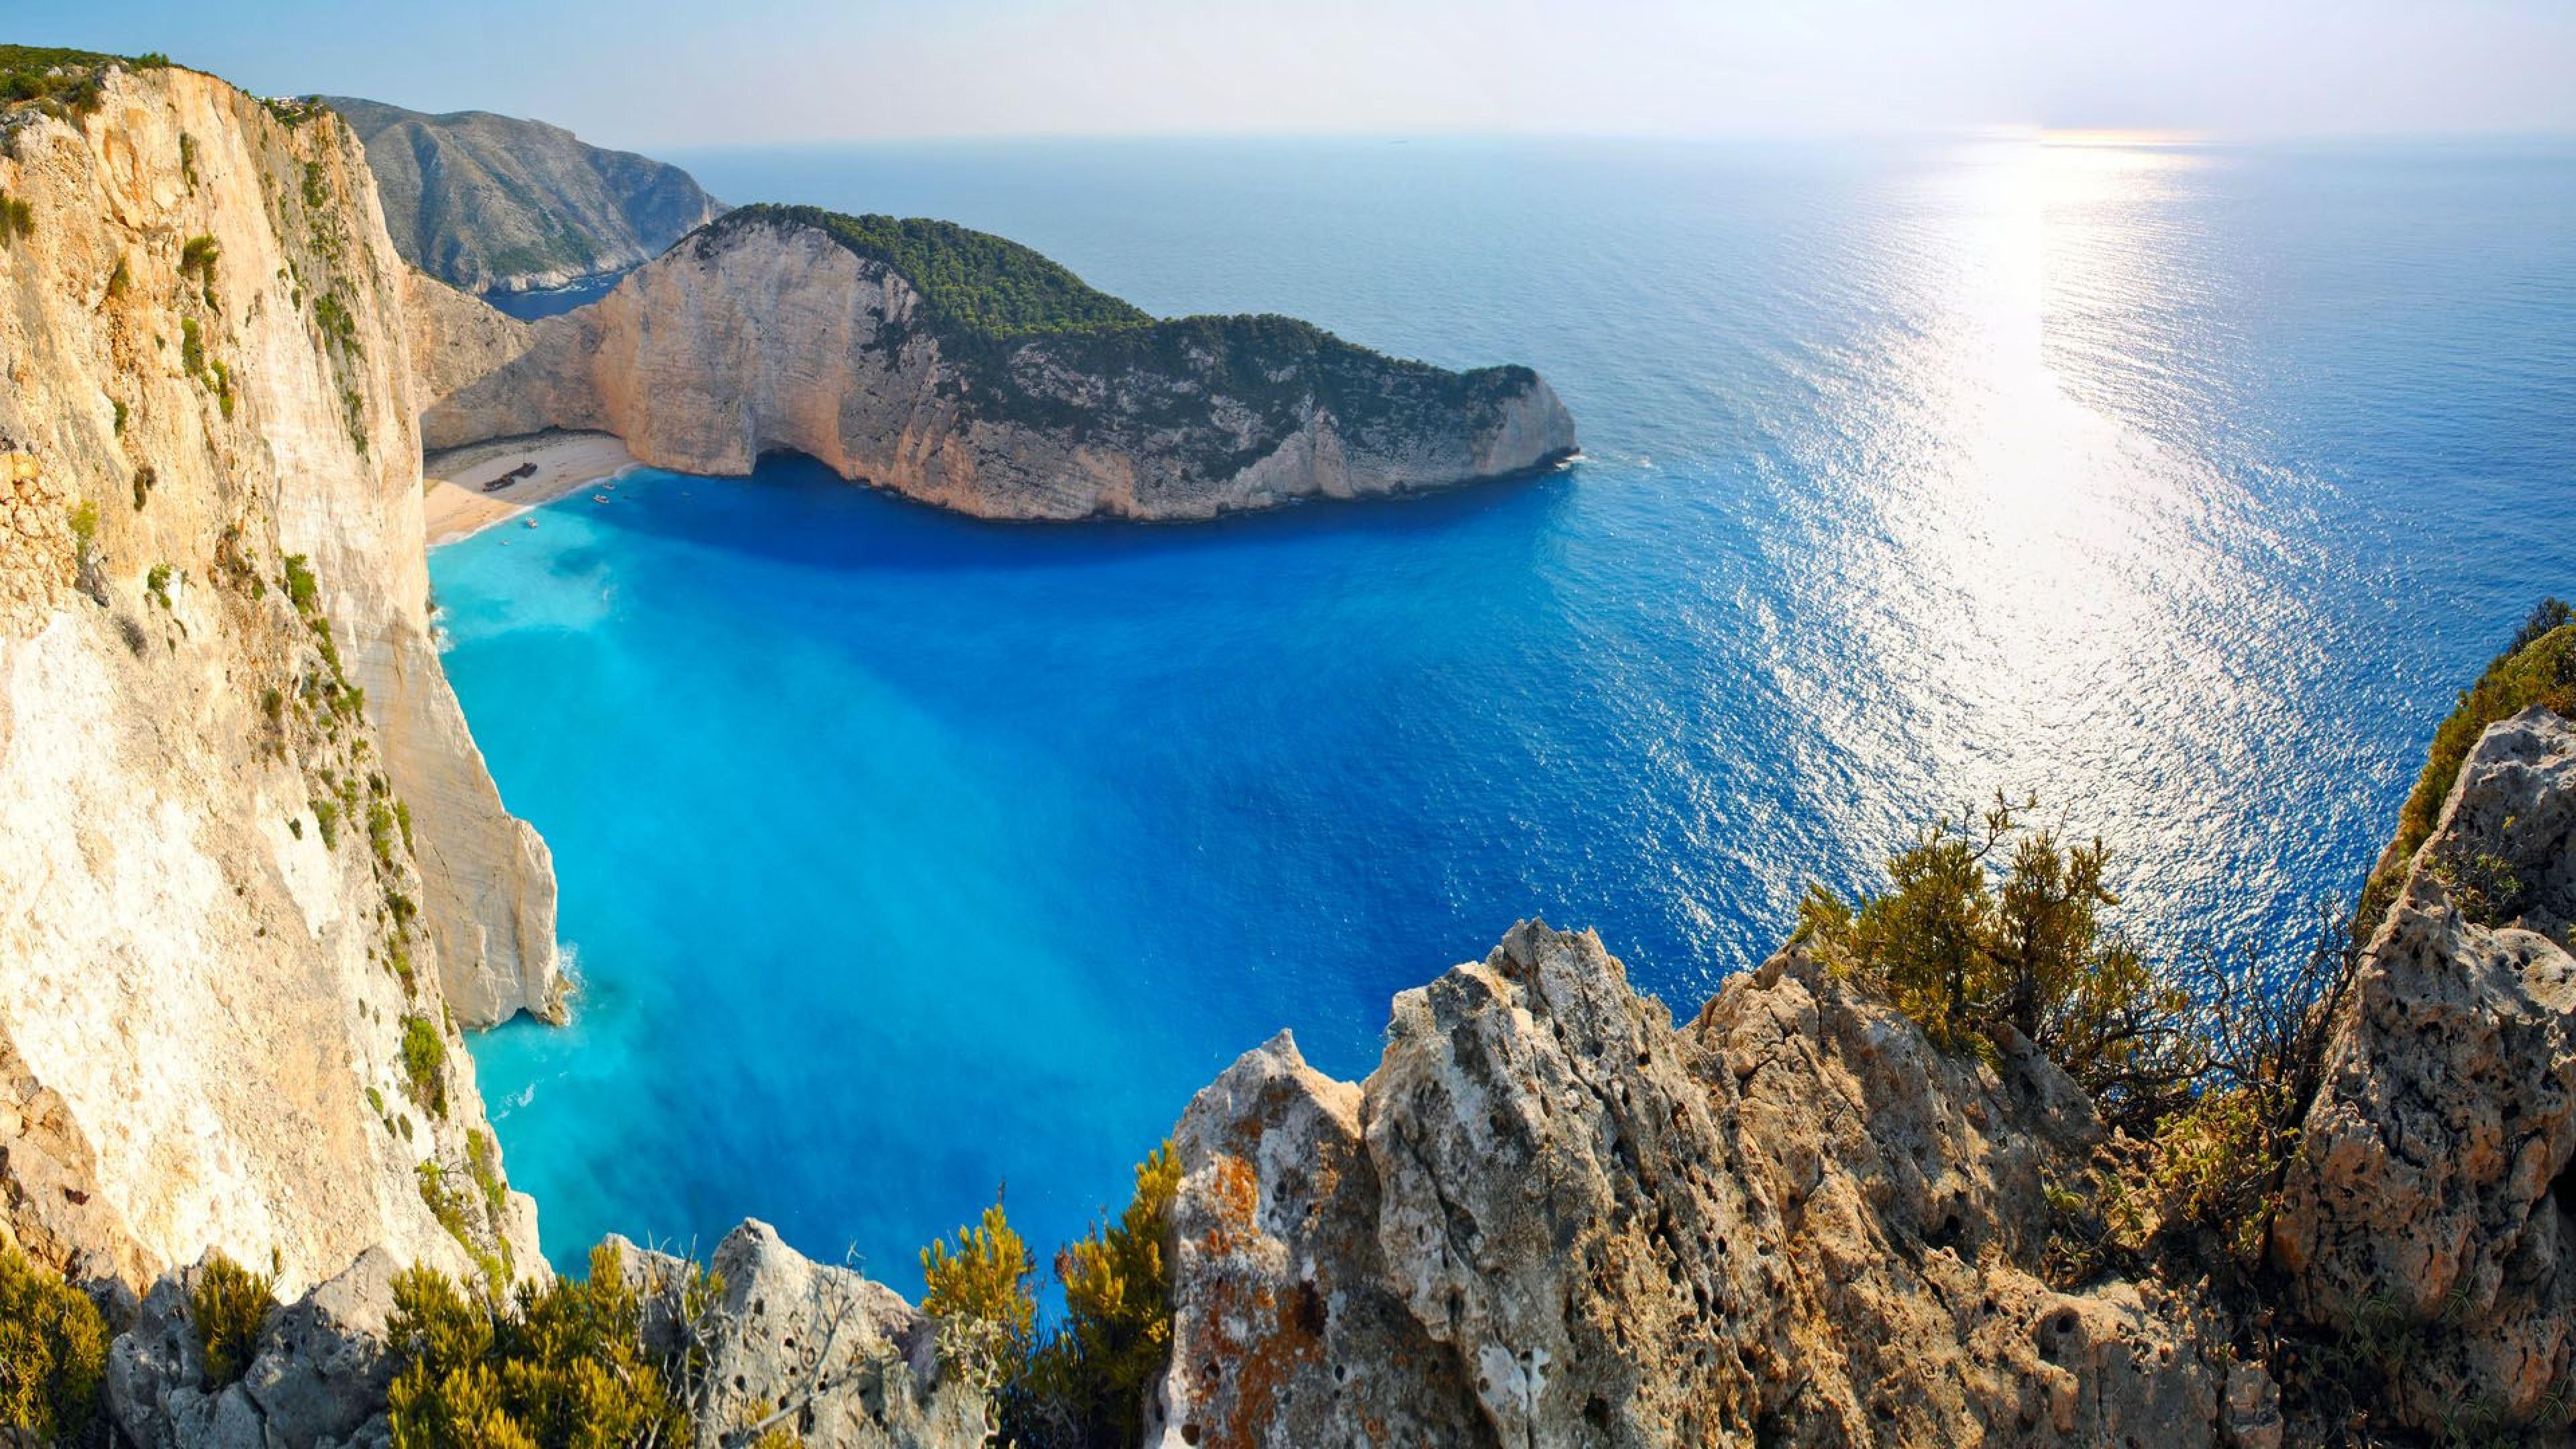 побережье греции фото в хорошем качестве ушла трио